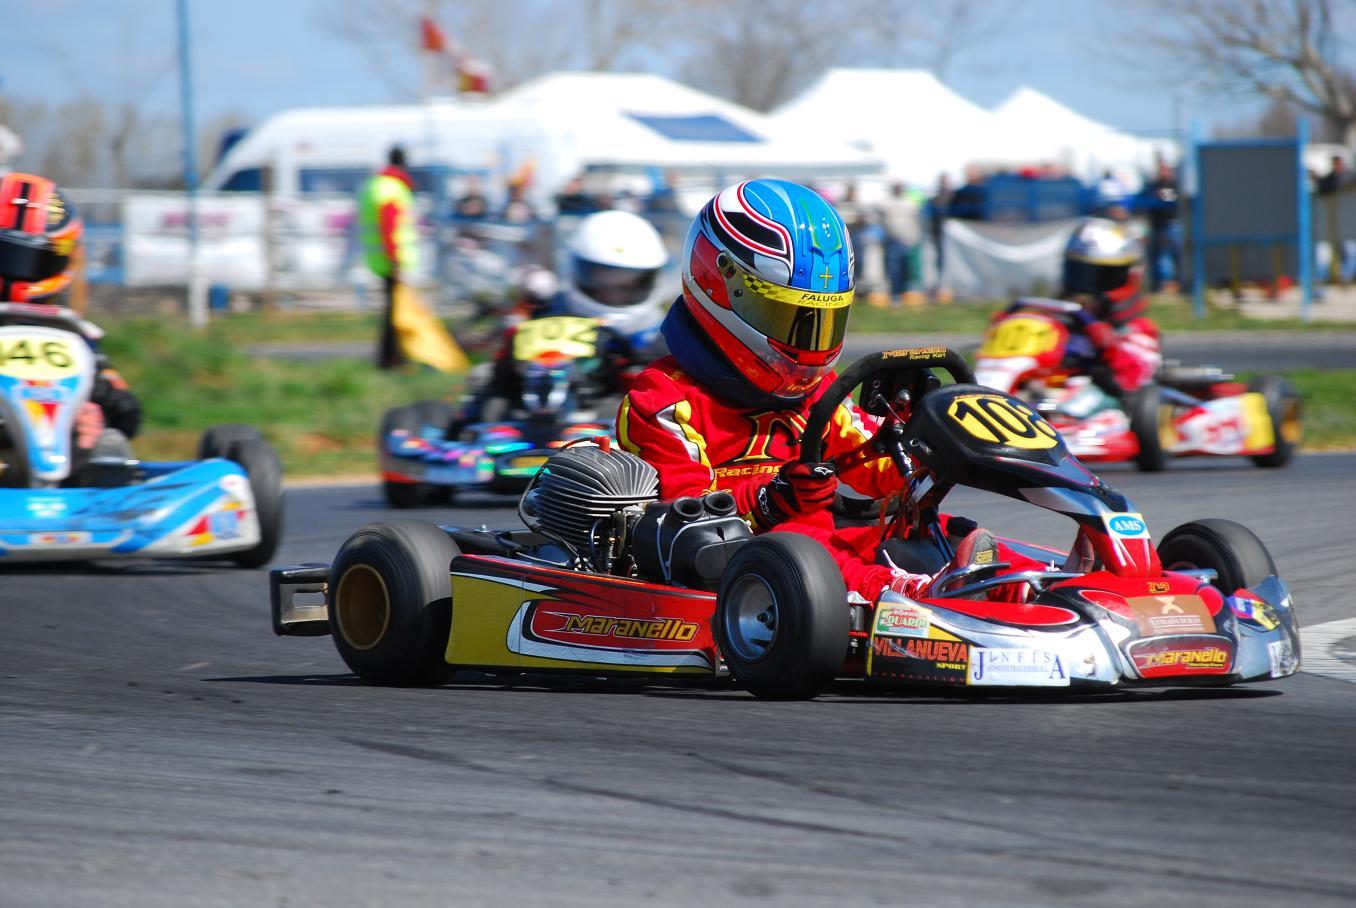 Circuito Fk1 : M&k karting: 6ª prueba del cto. de castilla y leÓn este fin de